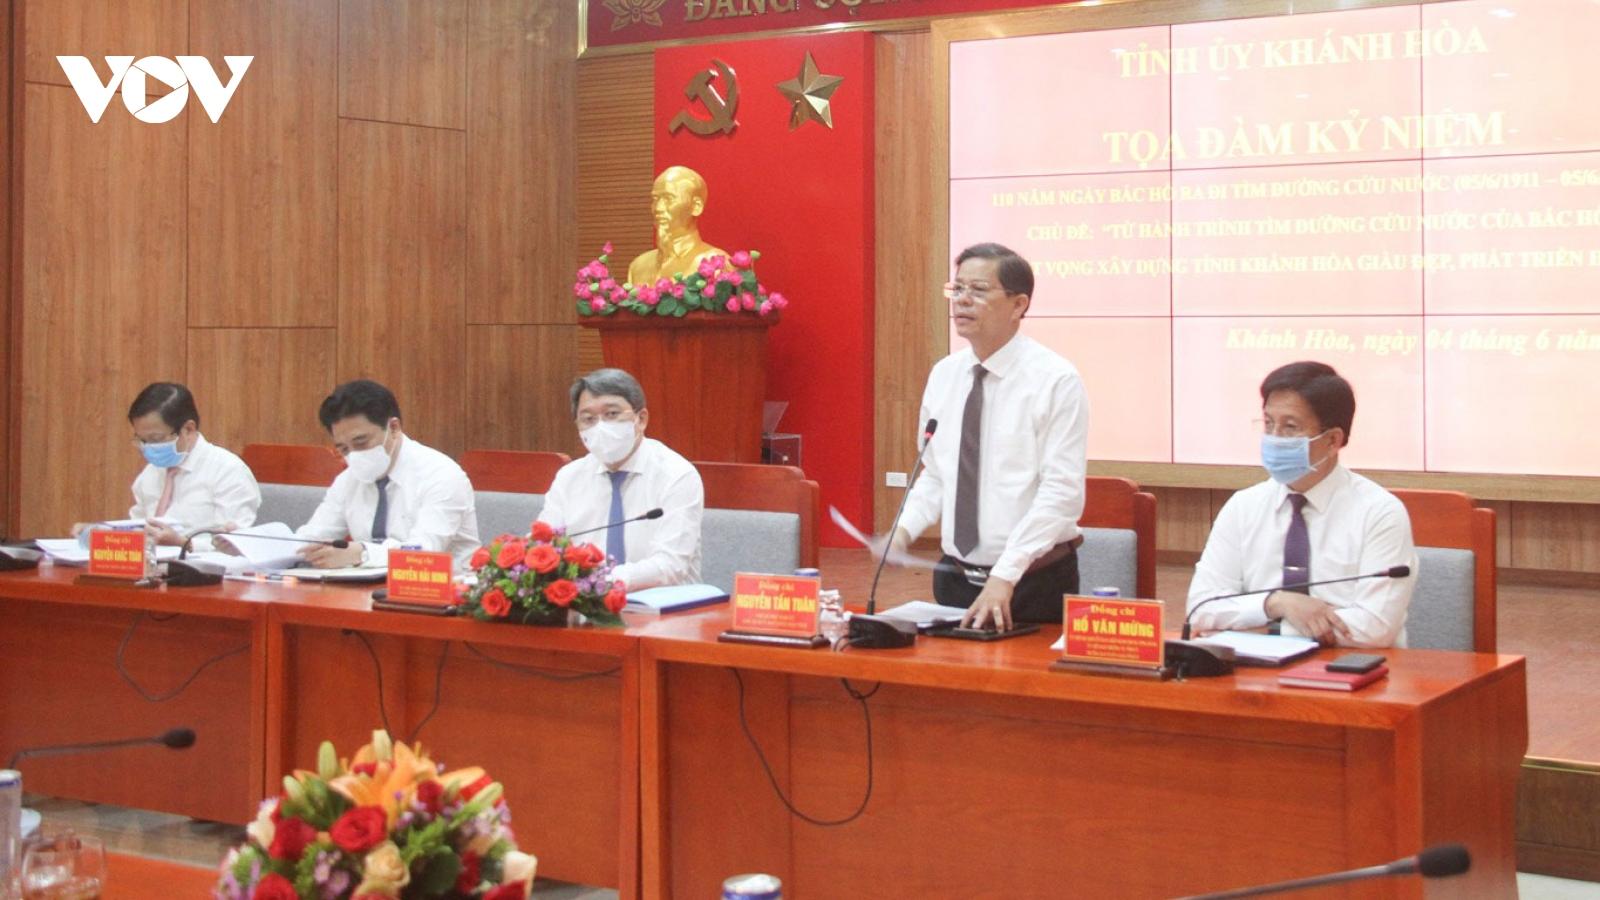 Tỉnh ủy Khánh Hòa tọa đàm nhân kỷ niệm 110 năm ngày Bác Hồ ra đi tìm đường cứu nước